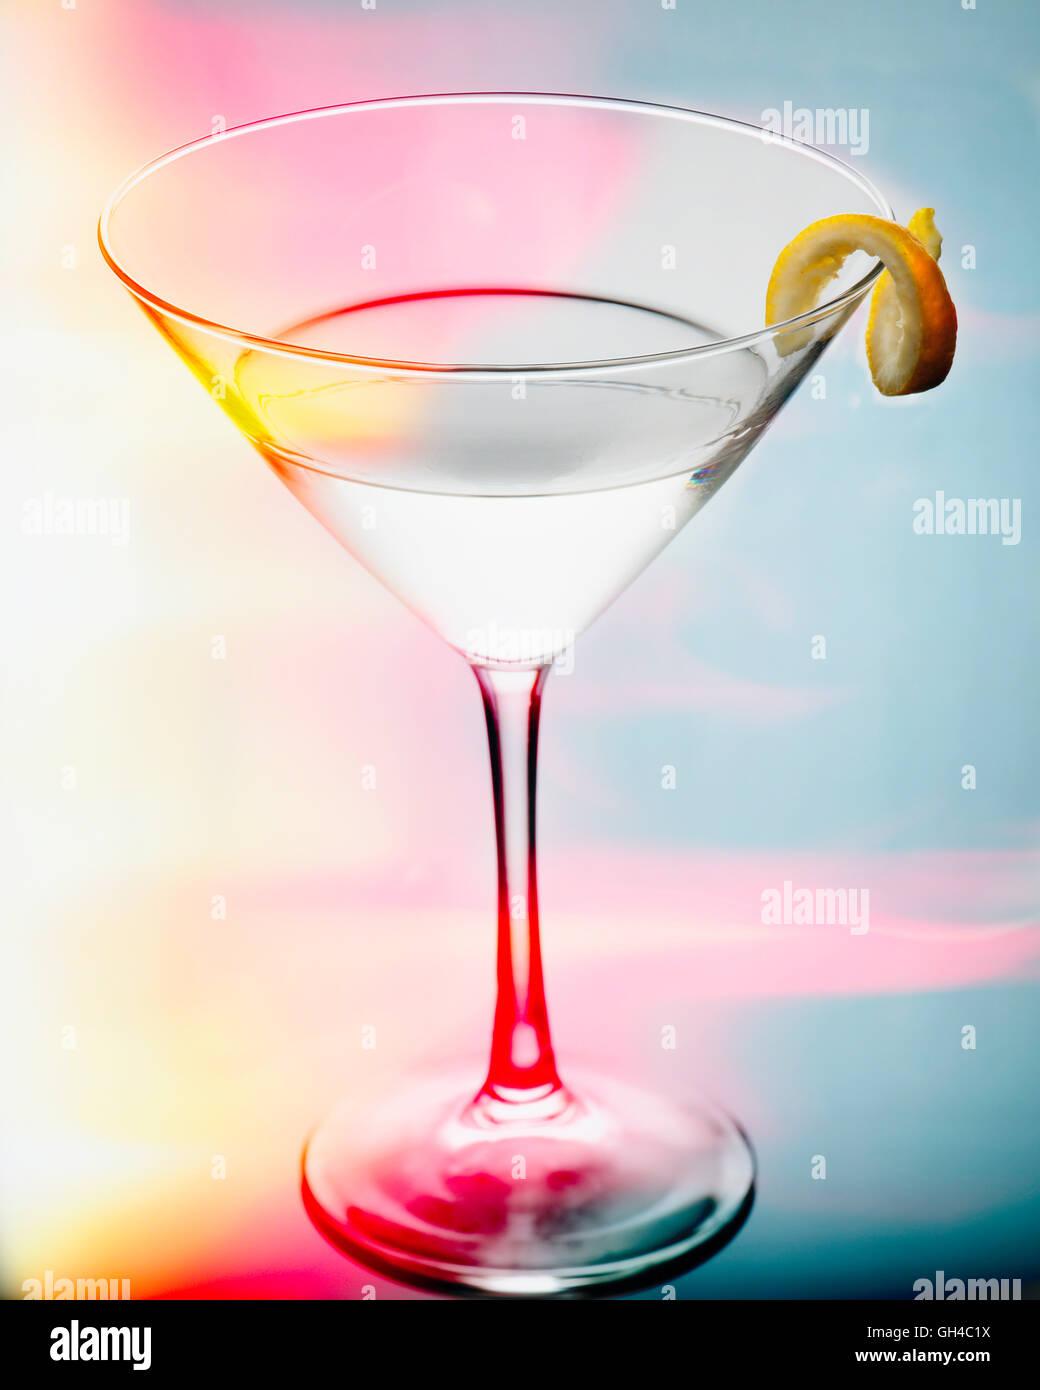 Vue rapprochée d'un verre de martini avec une torsion dans une lumière colorée Photo Stock